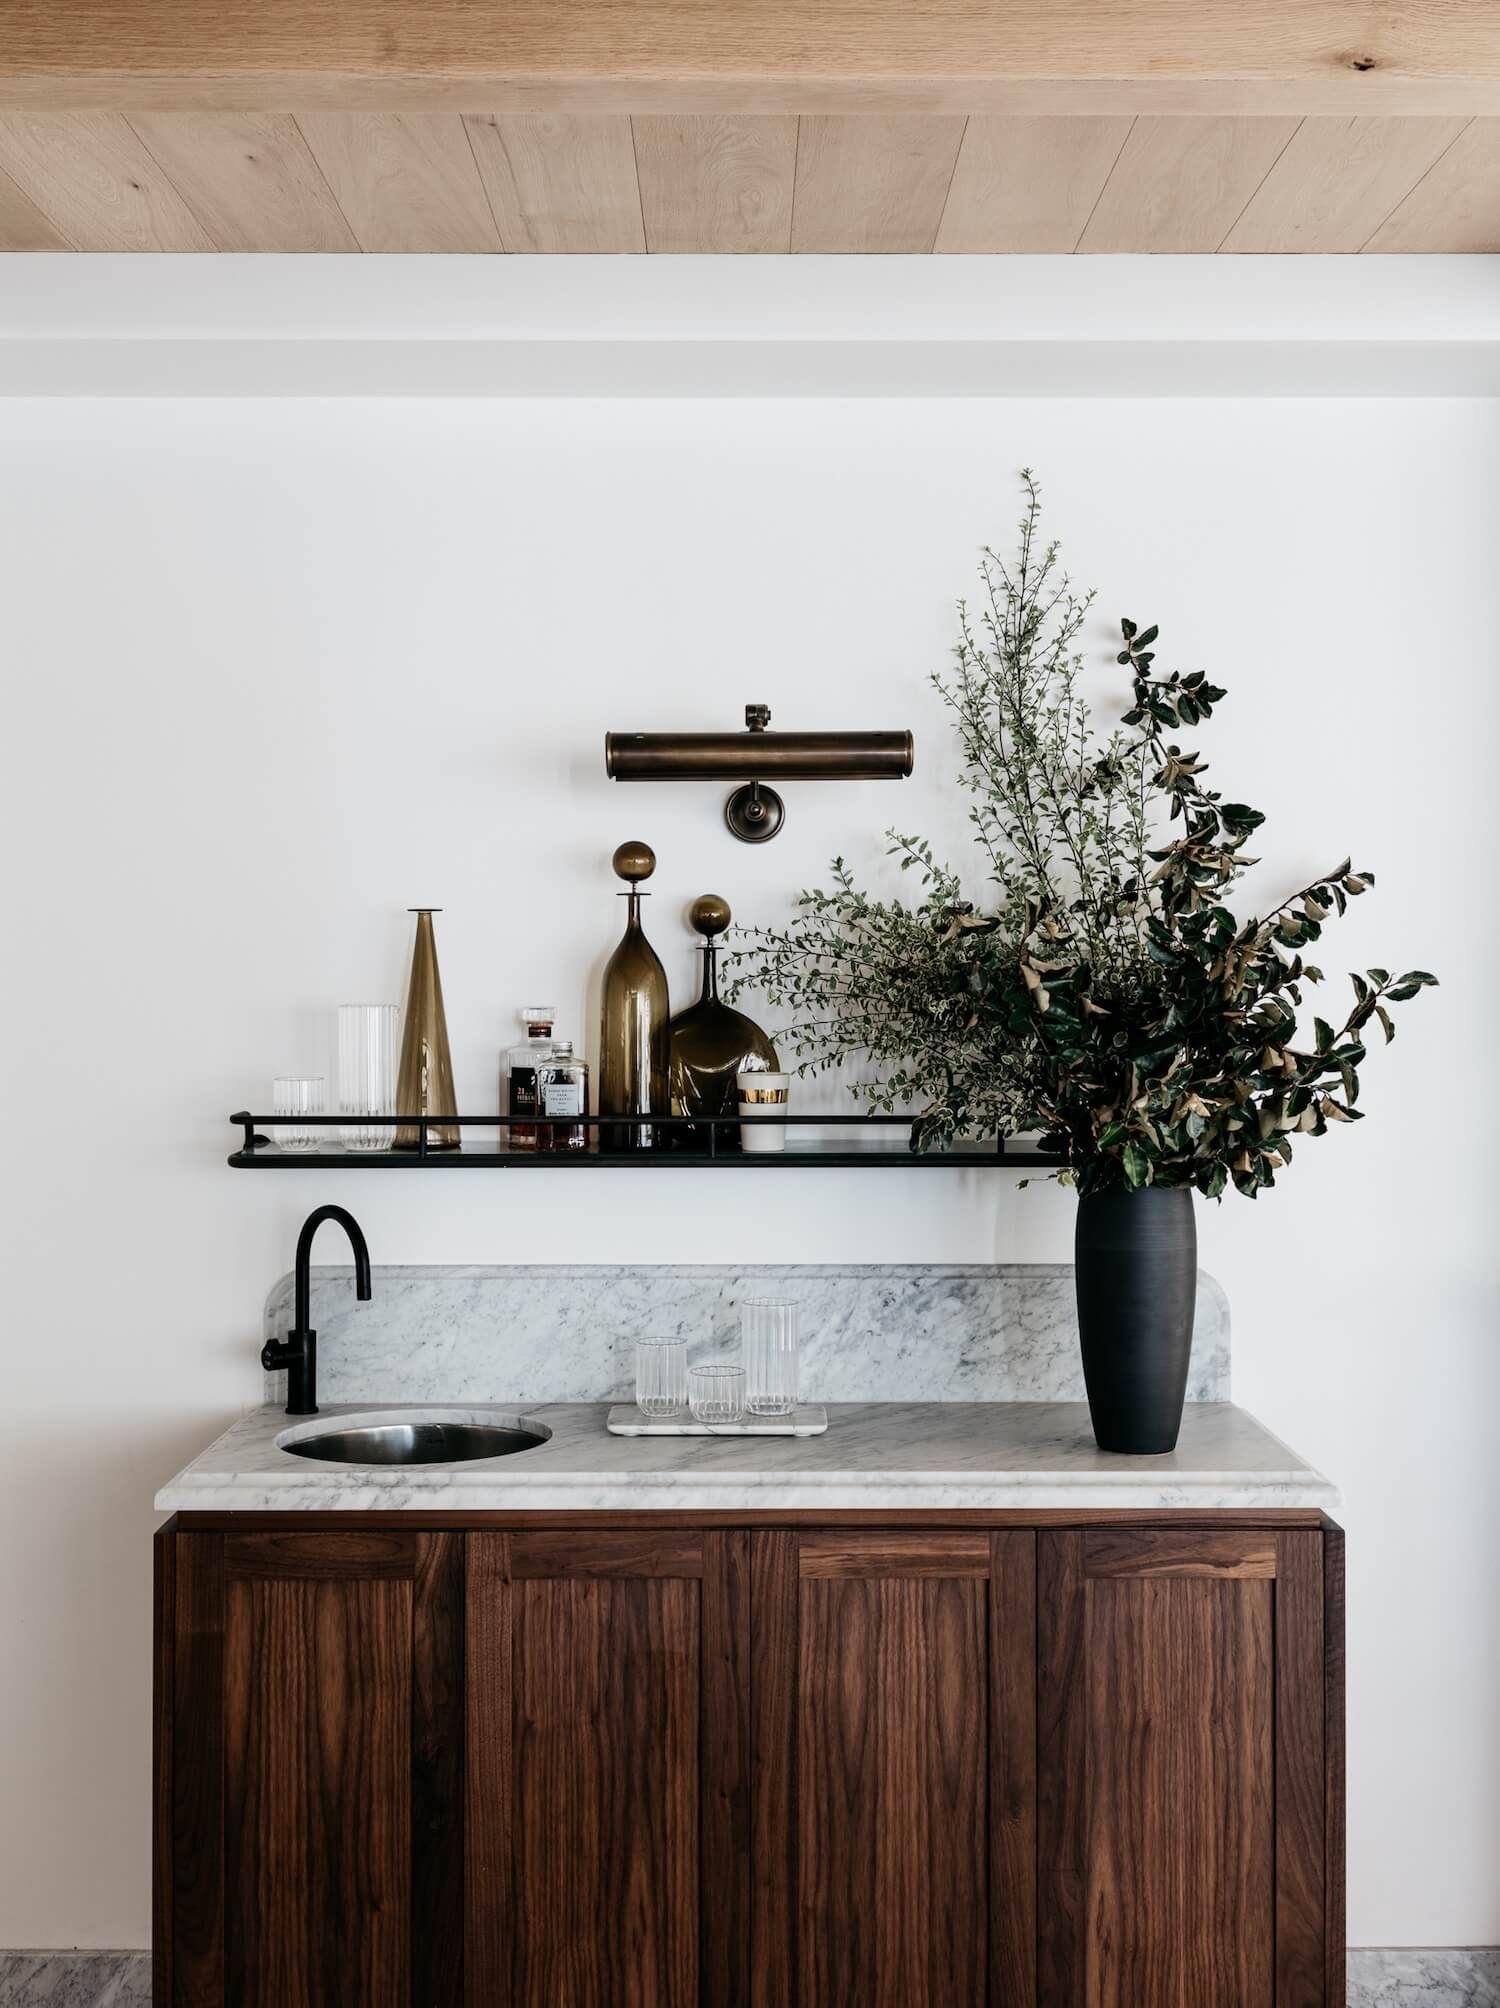 Decoración de interiores acogedor, cálido y sofisticado, mueble bar en madera y lavabo de mármol